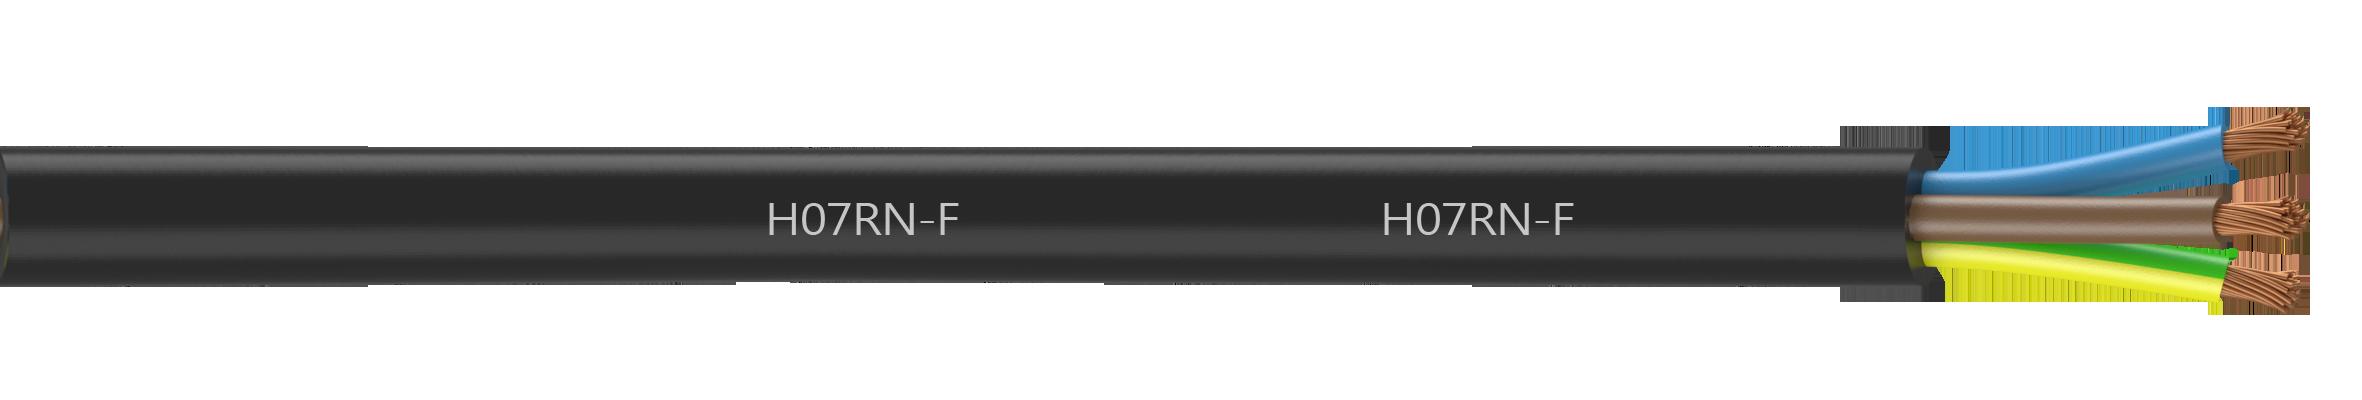 Caoutchouc Tuyau h07rn-f 5x1,5 mm Carré chantiers Câble baukabel Câble électrique 100 km